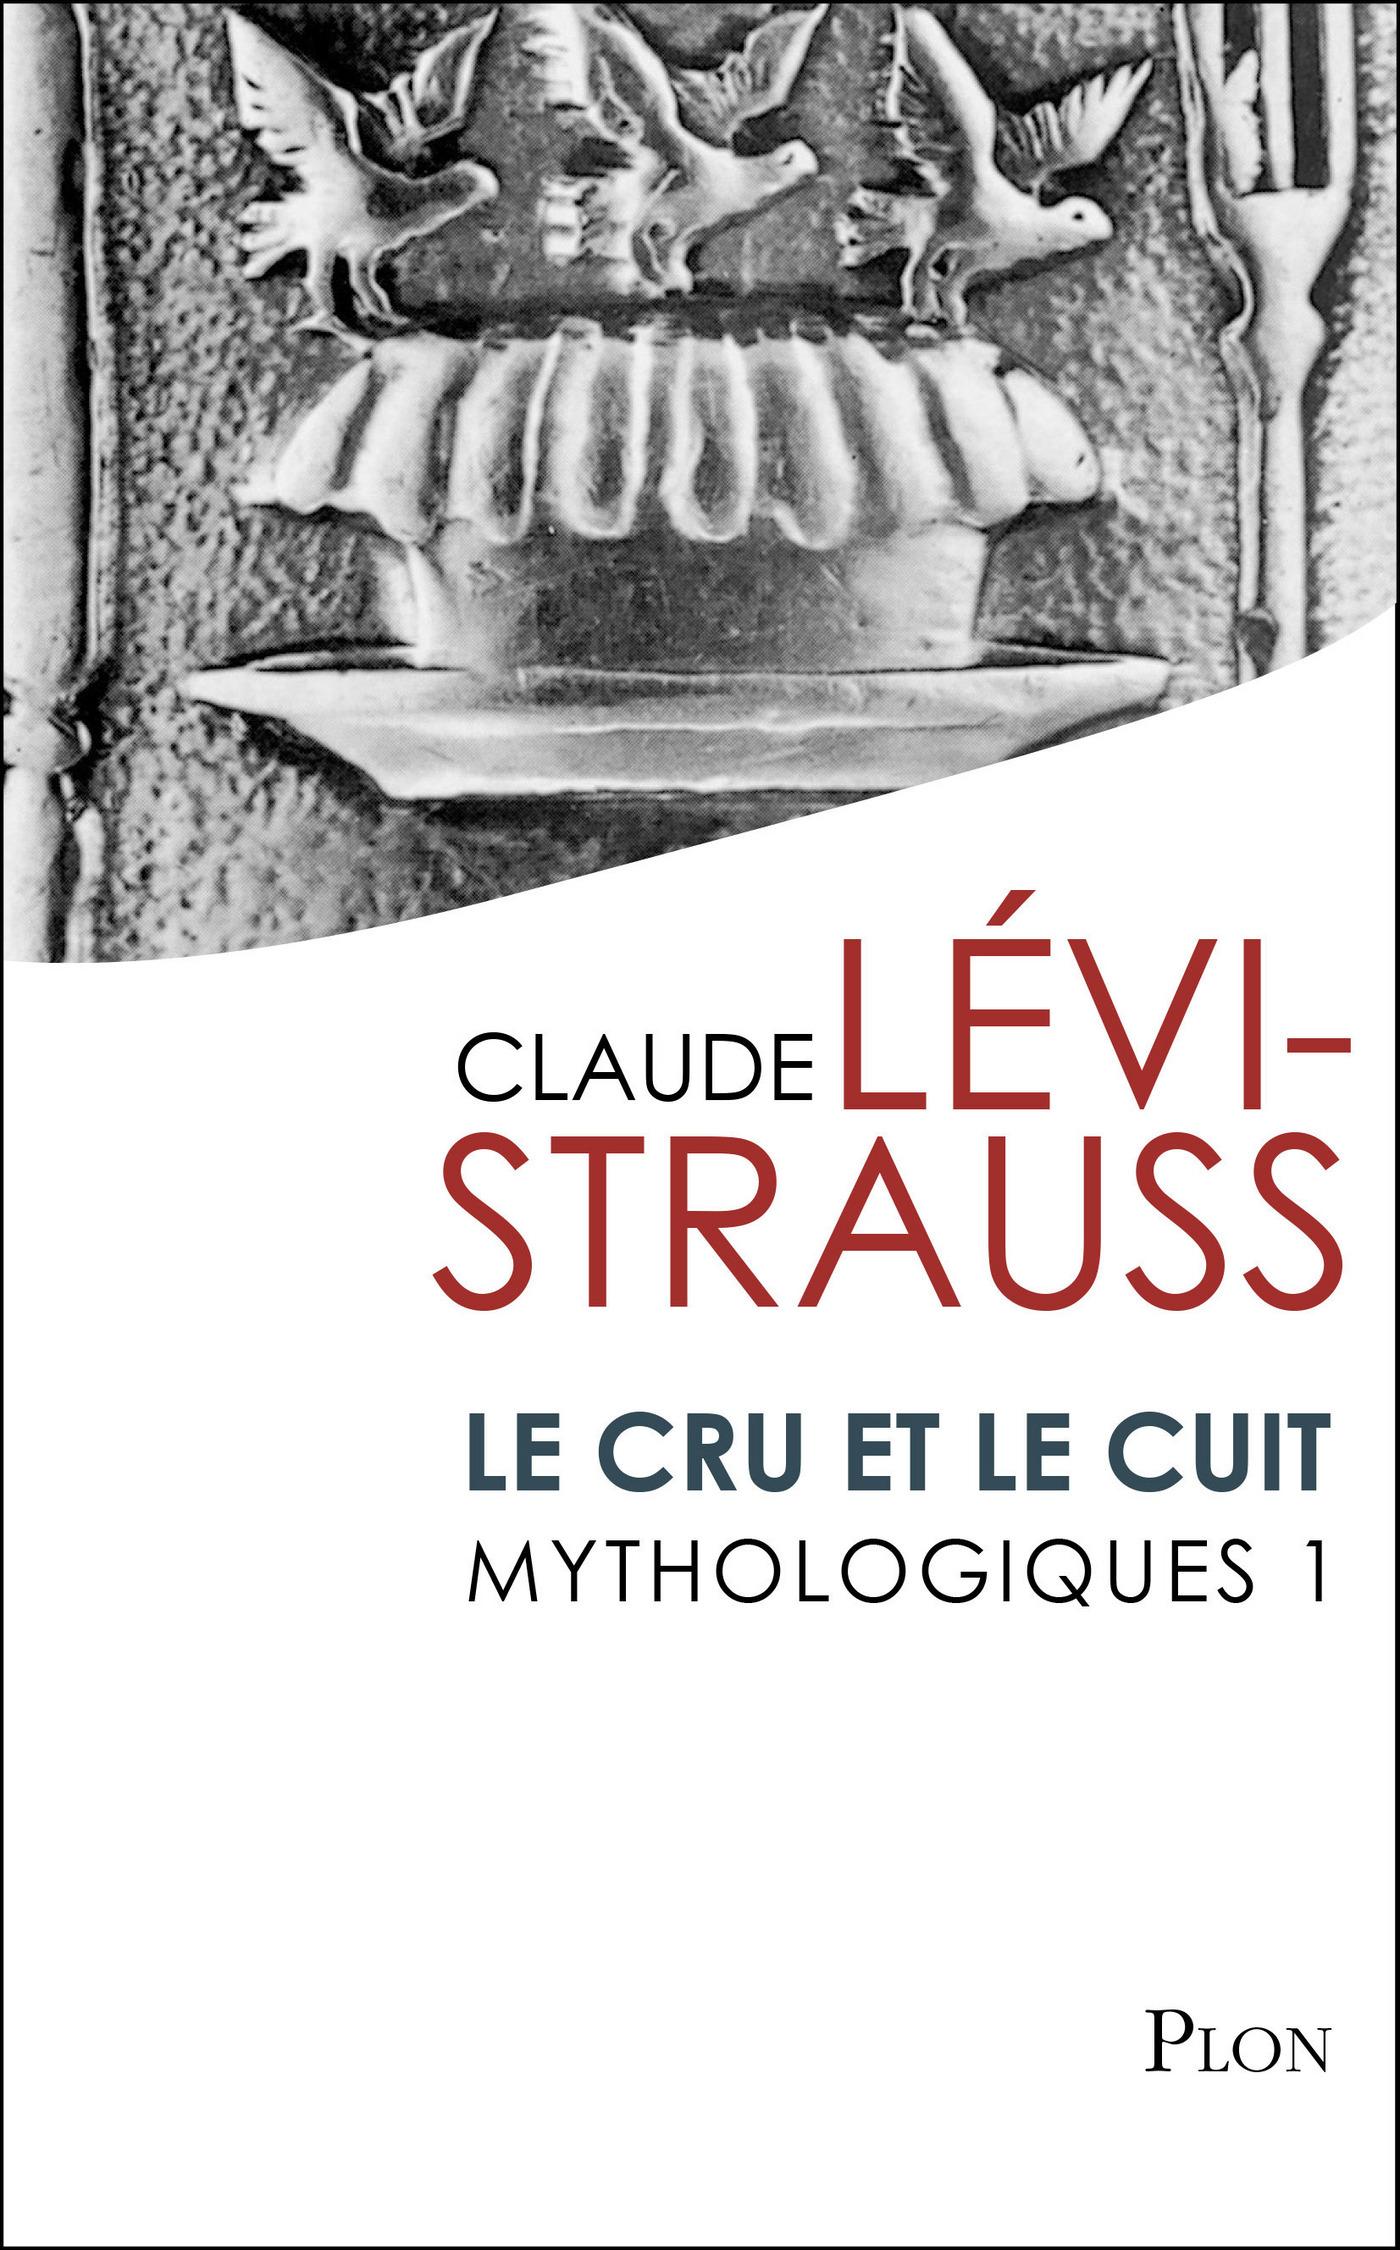 Mythologiques 1 : Le cru et le cuit (ebook)